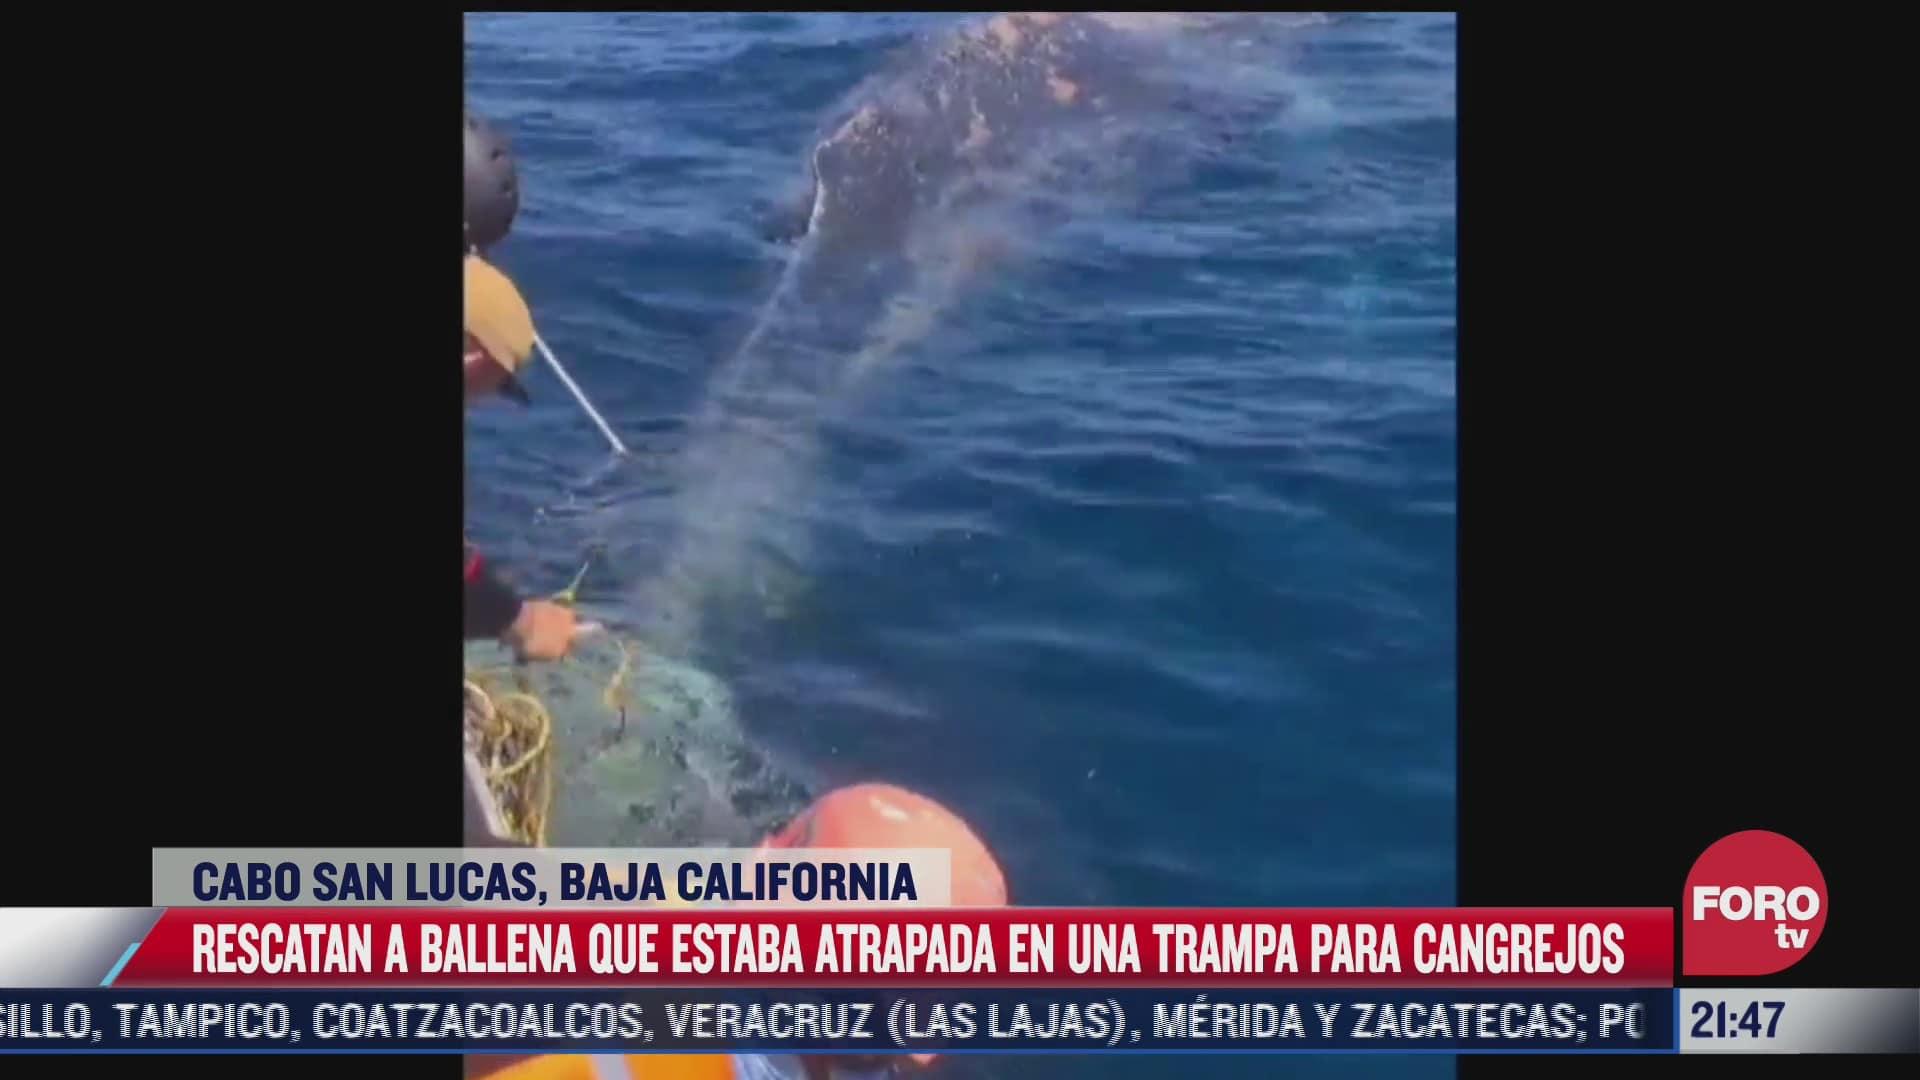 rescatan a ballena enmallada en bahia del cabo baja california sur